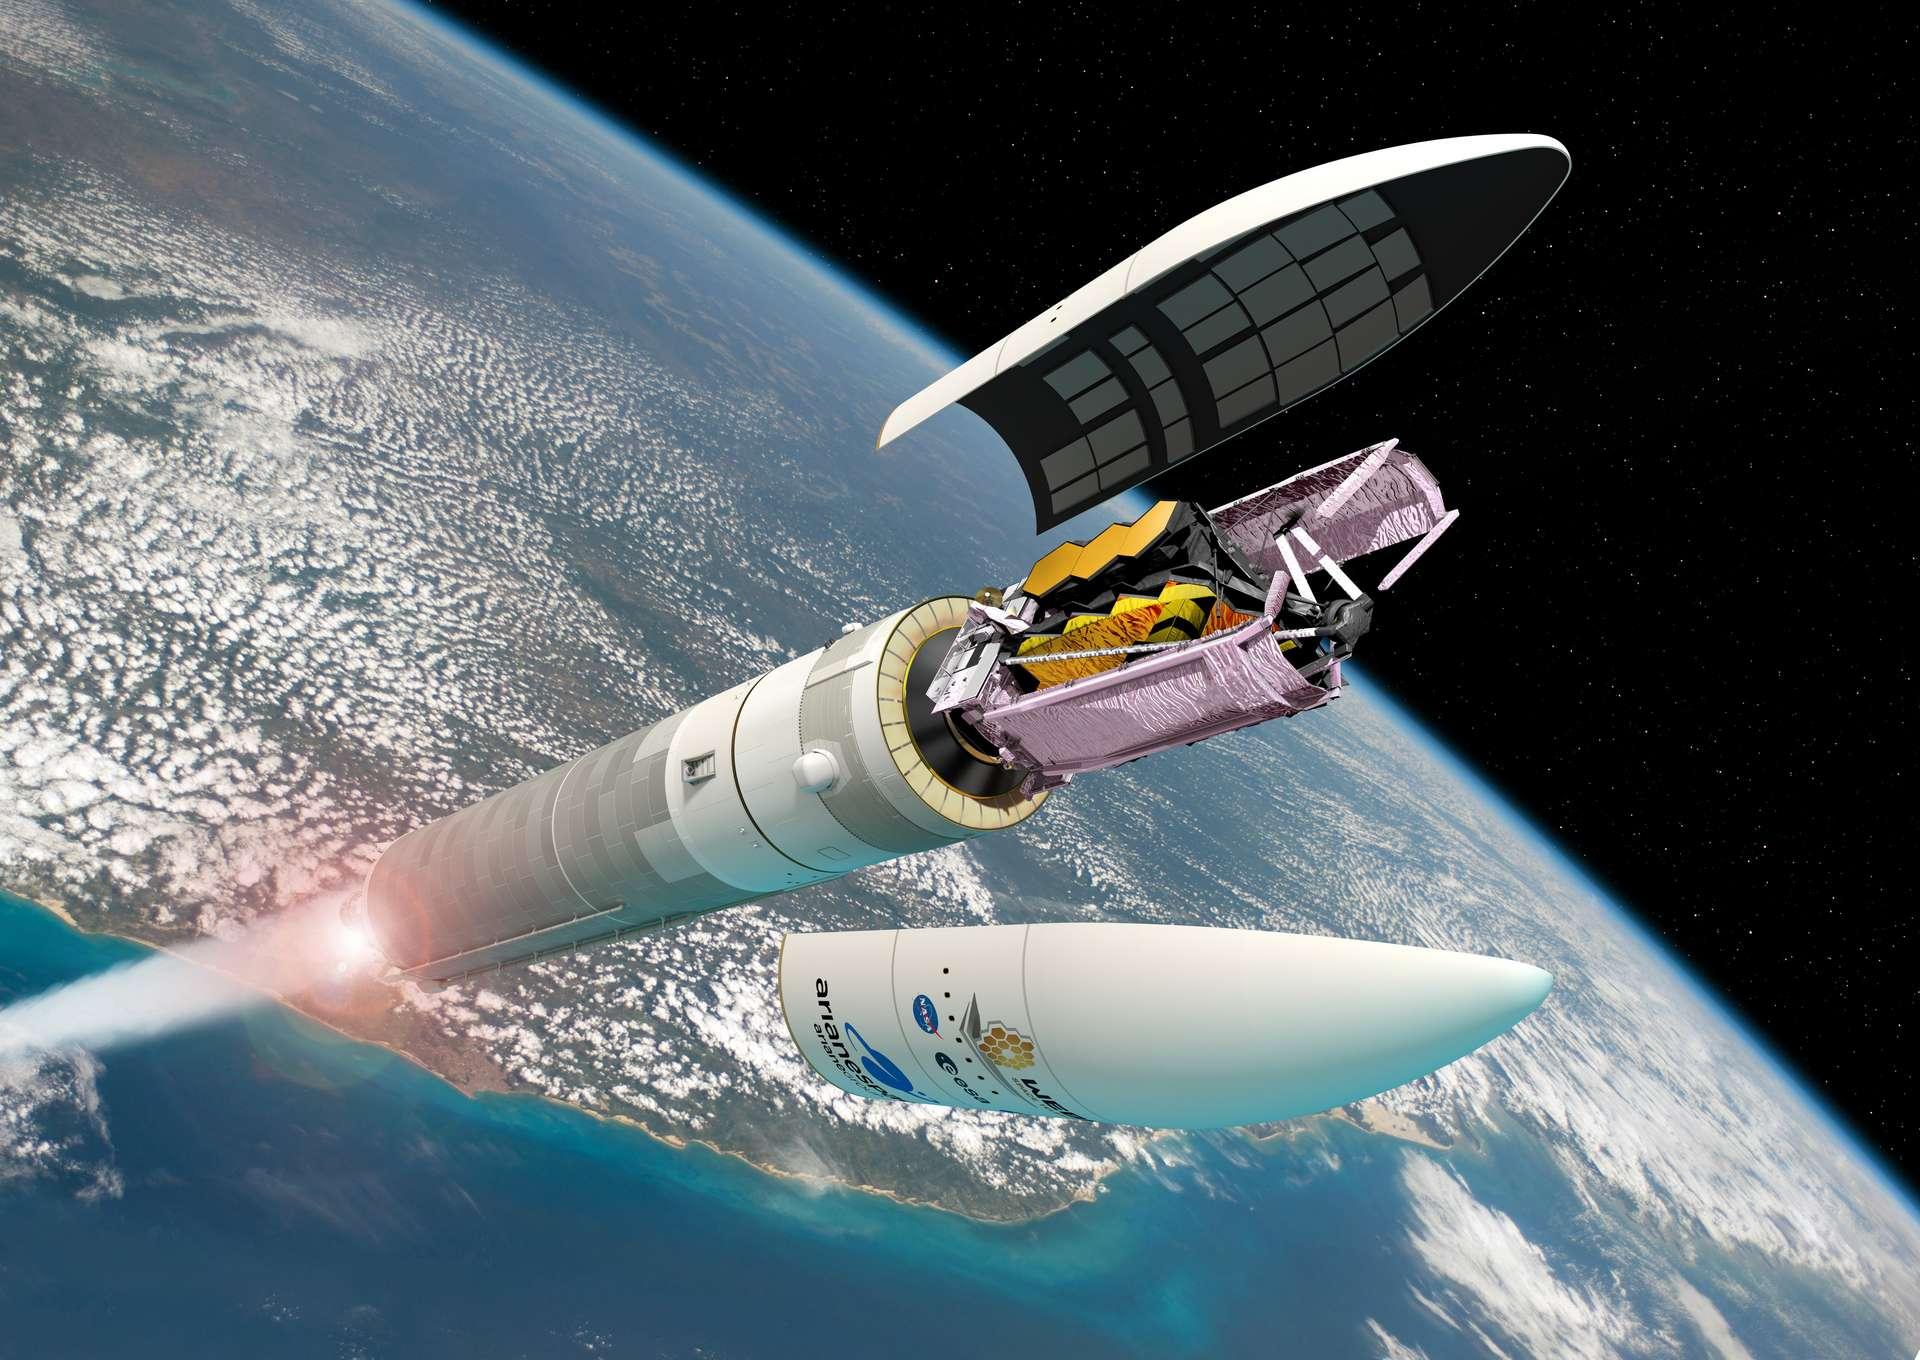 Illustration du JWST au sommet du lanceur Ariane 5, prêt à être déployé. Cela se fera le 18 décembre 2021. © ESA, D. Ducros